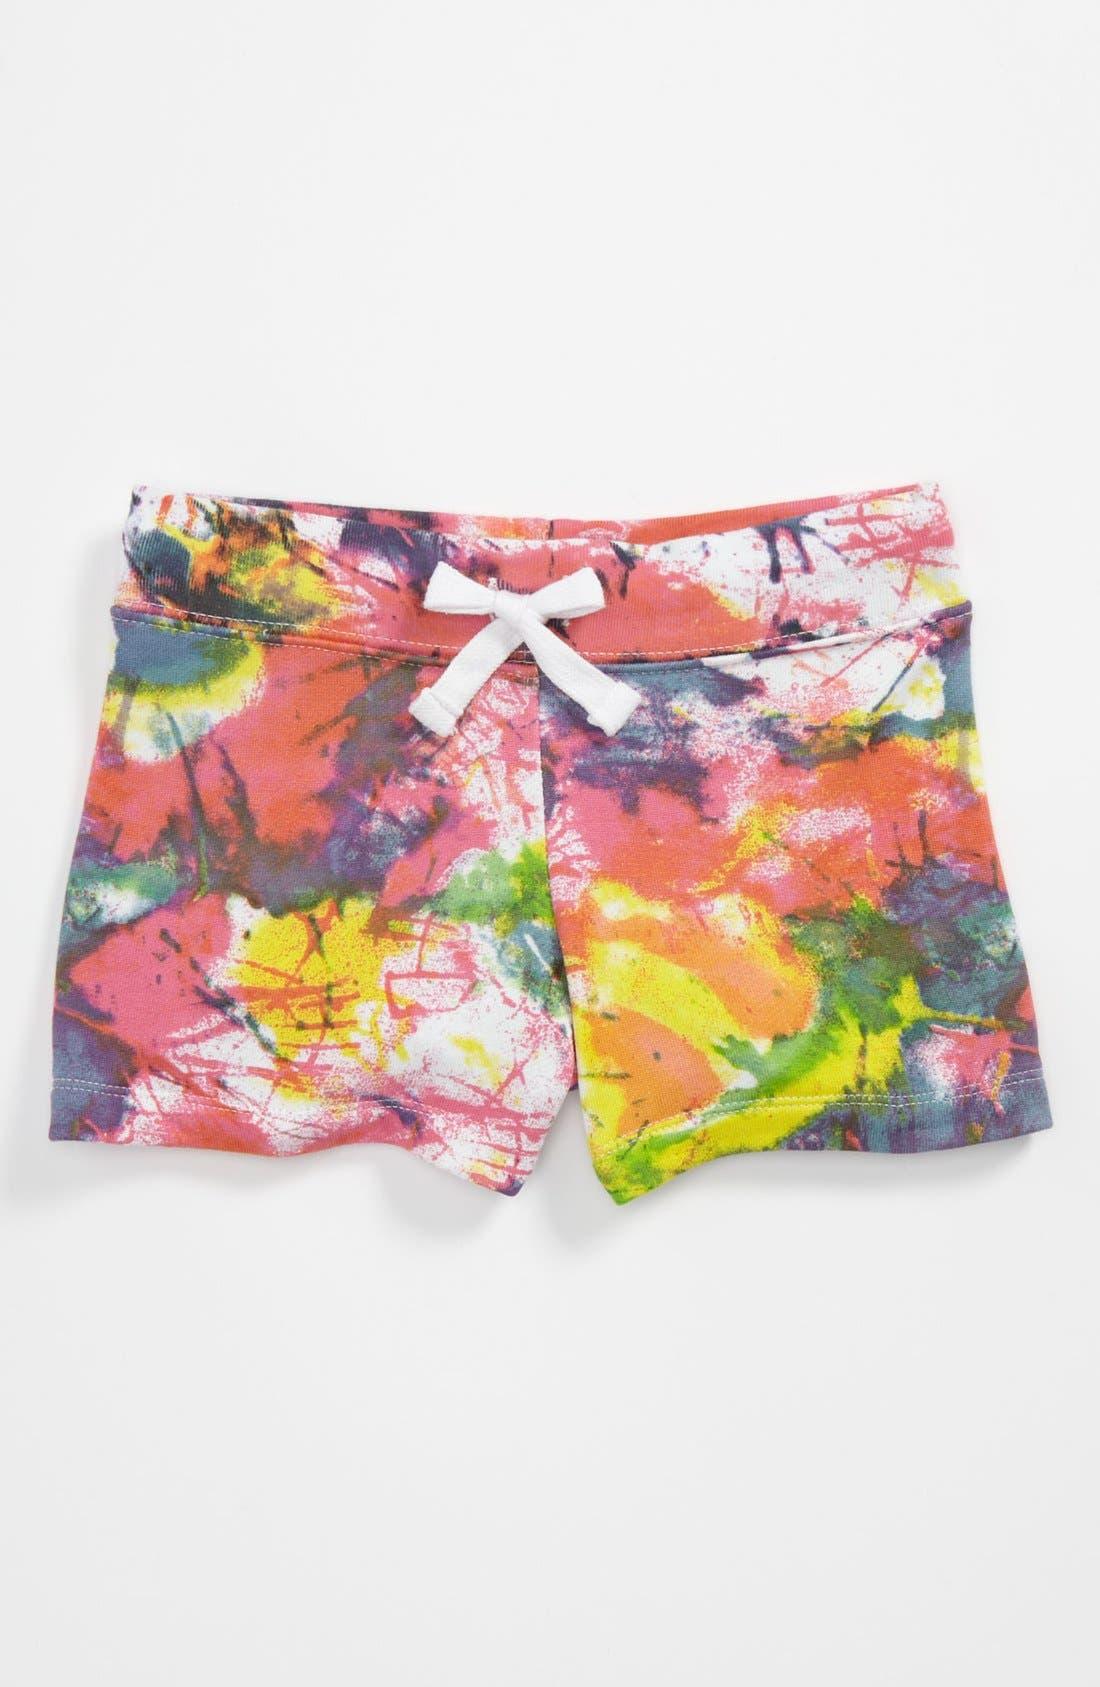 Alternate Image 1 Selected - Flowers by Zoe 'Splatter' Shorts (Little Girls)